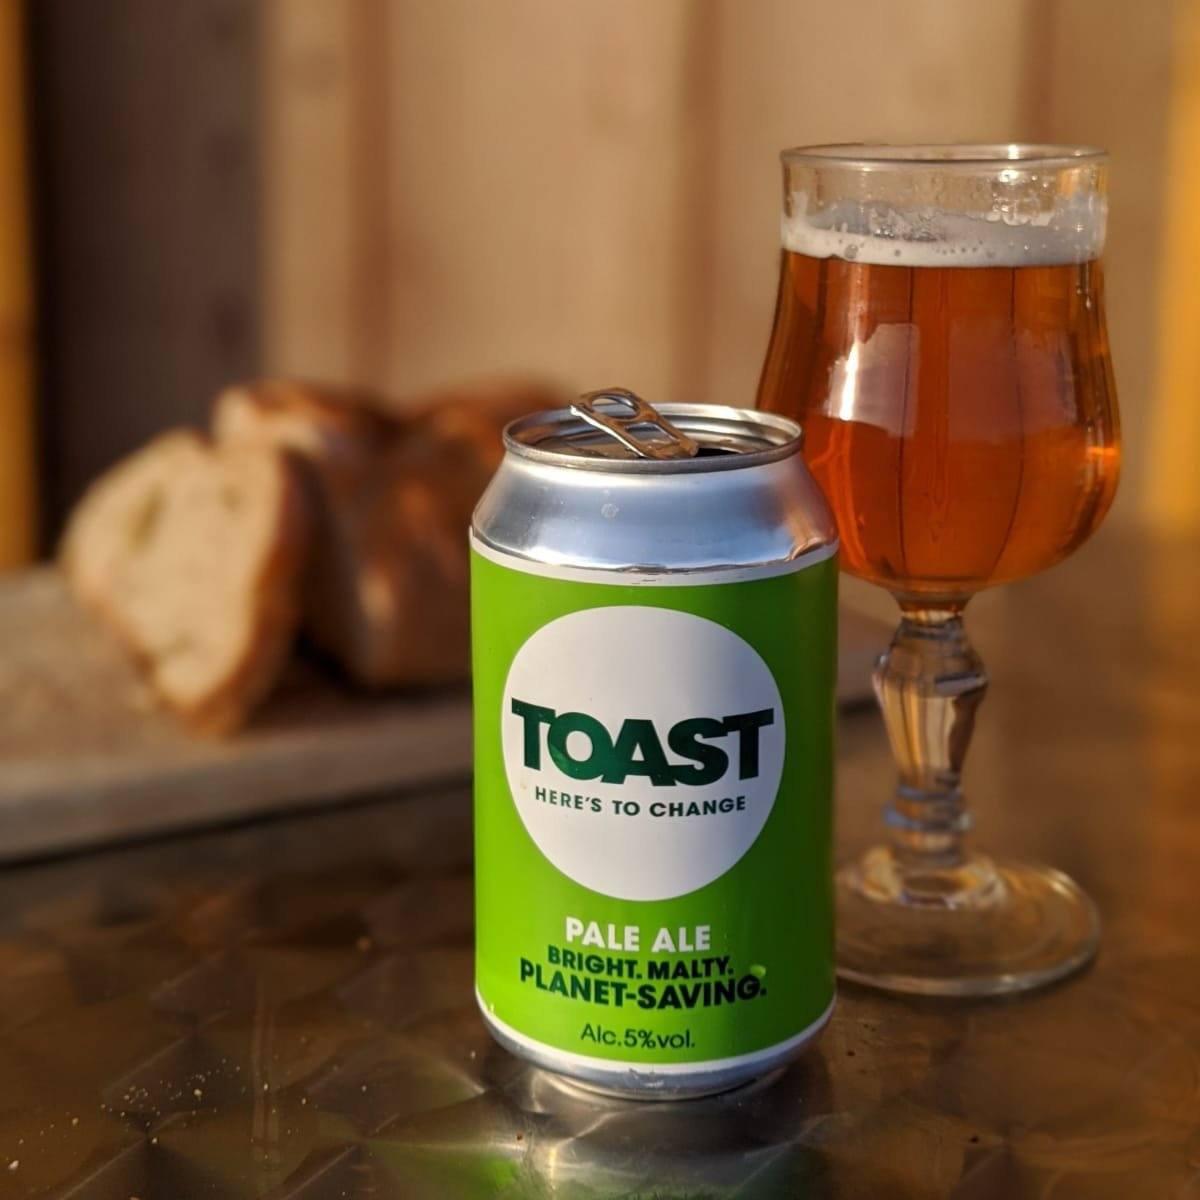 Toast Ale Canned Bread Beer Pale Ale Vegan beer